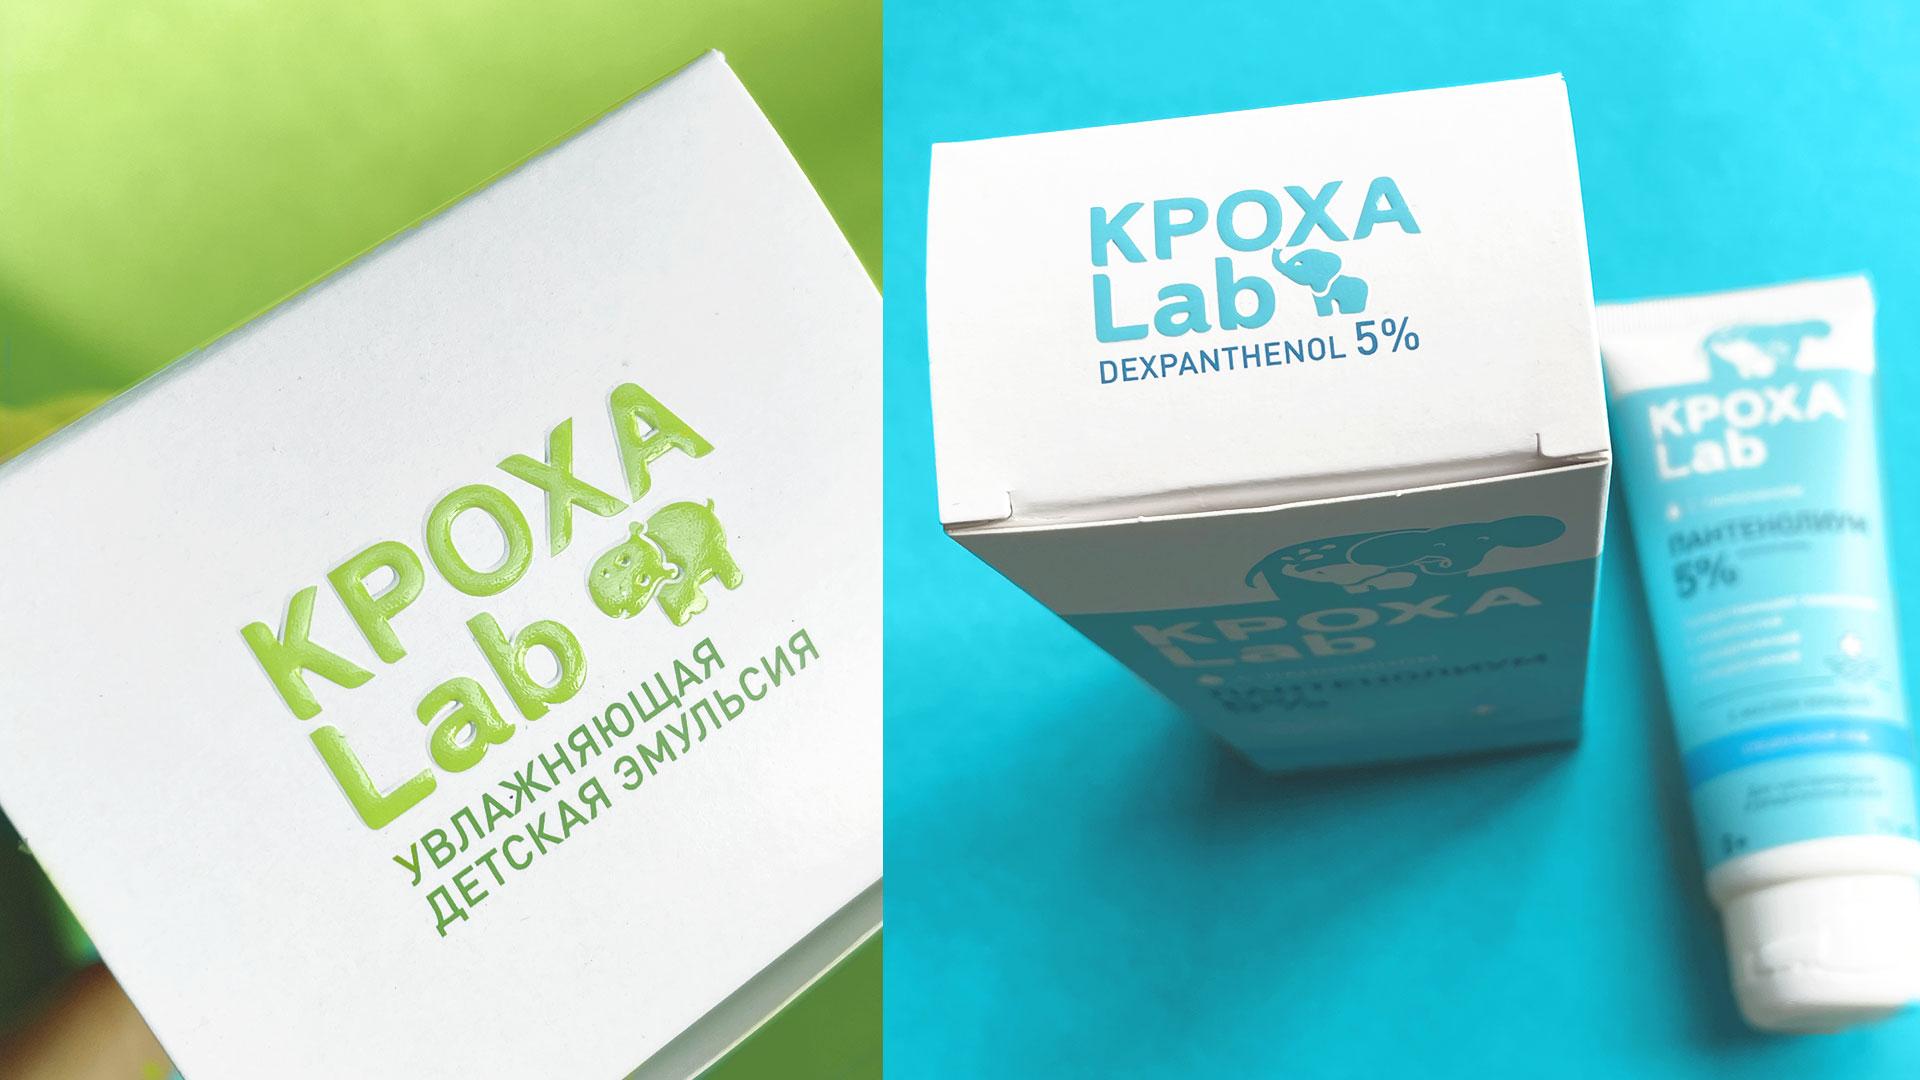 Постпечатные эффекты на упаковке Кроха Lab